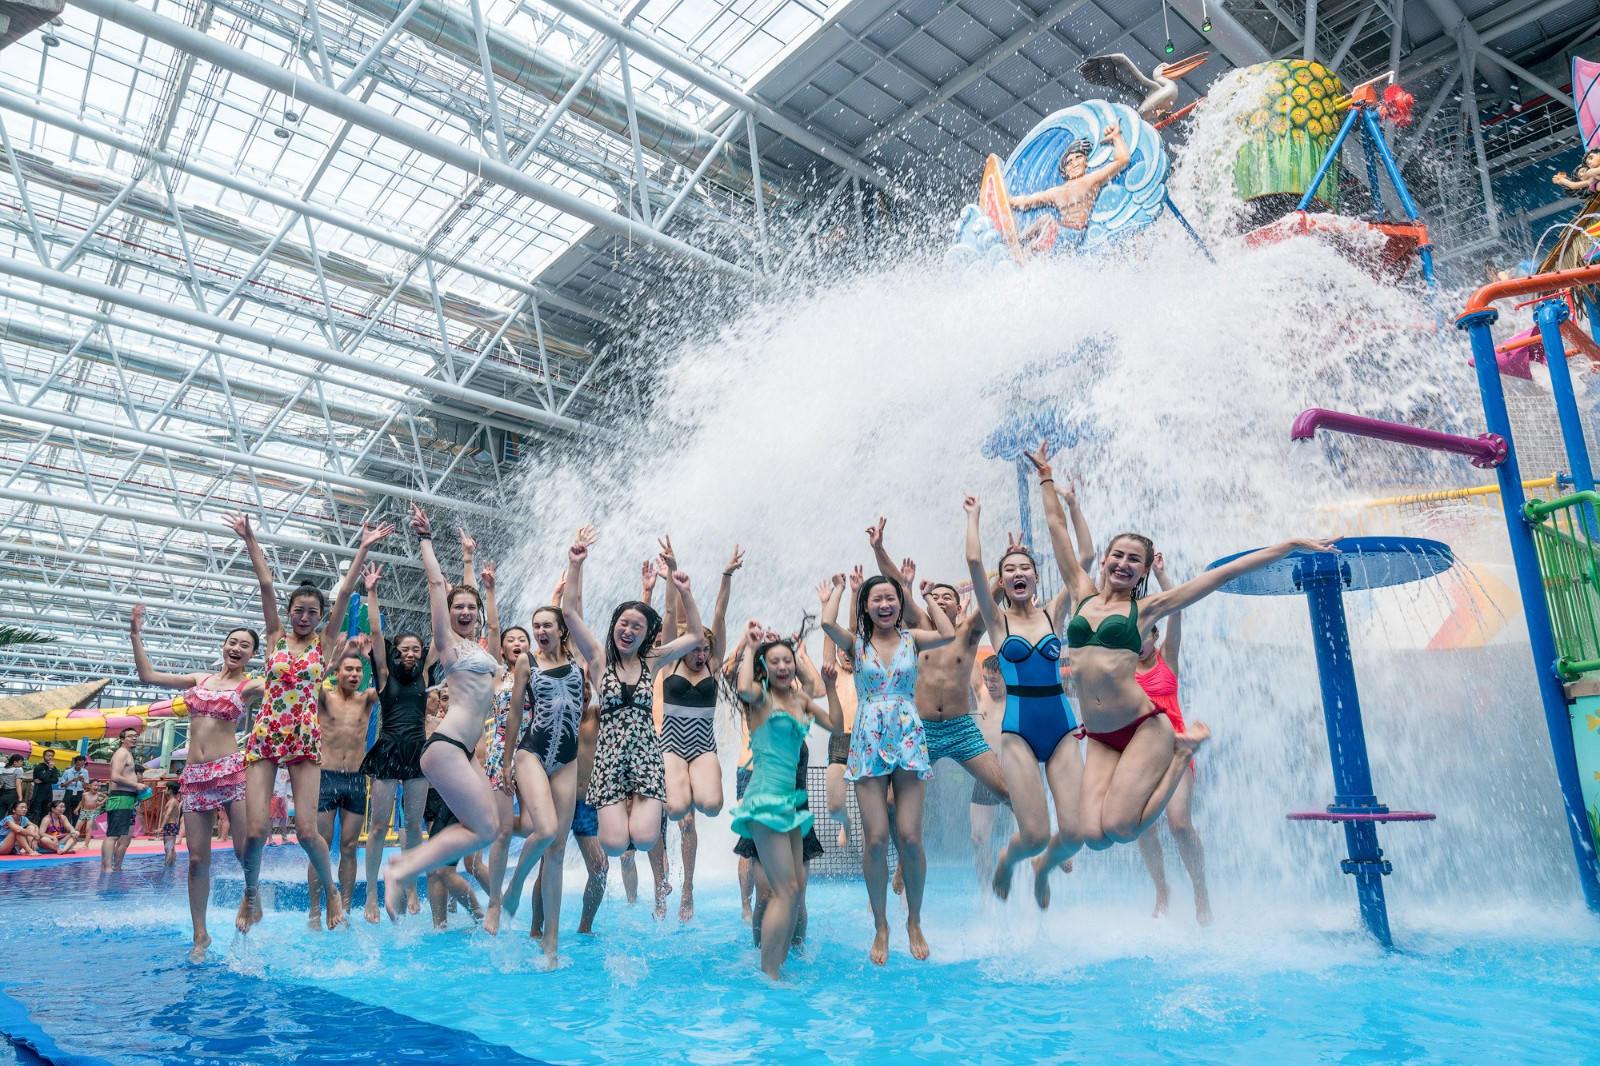 Wenwen Brand slide resort park custom huge indoor water park